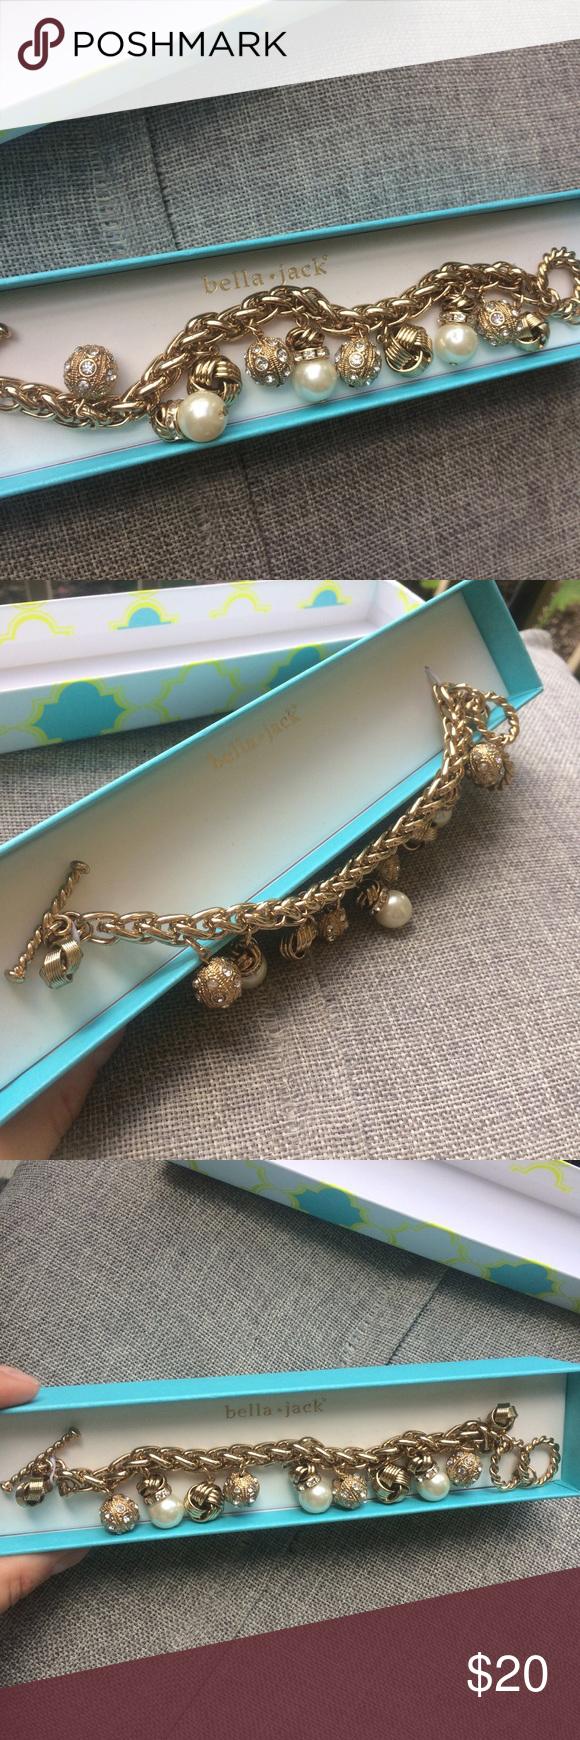 Bella jack golden charms bracelet NWT | Jewelry bracelets, Bracelets ...